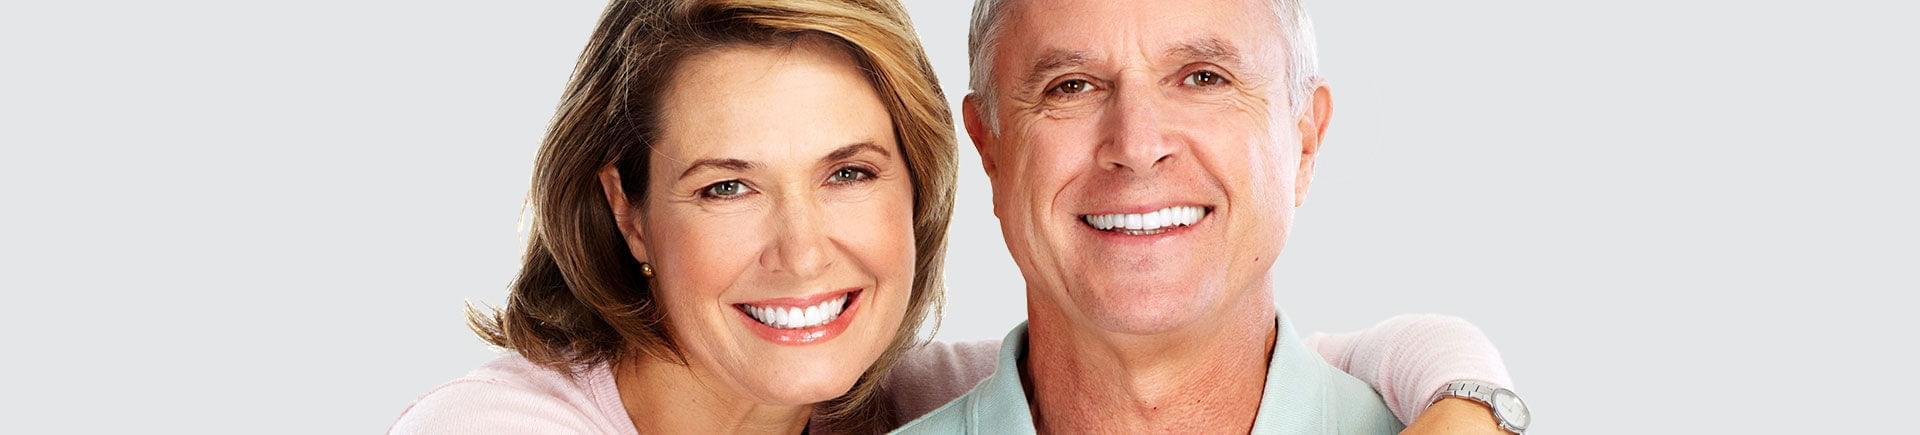 Happy elderly couple with perfect smiles.